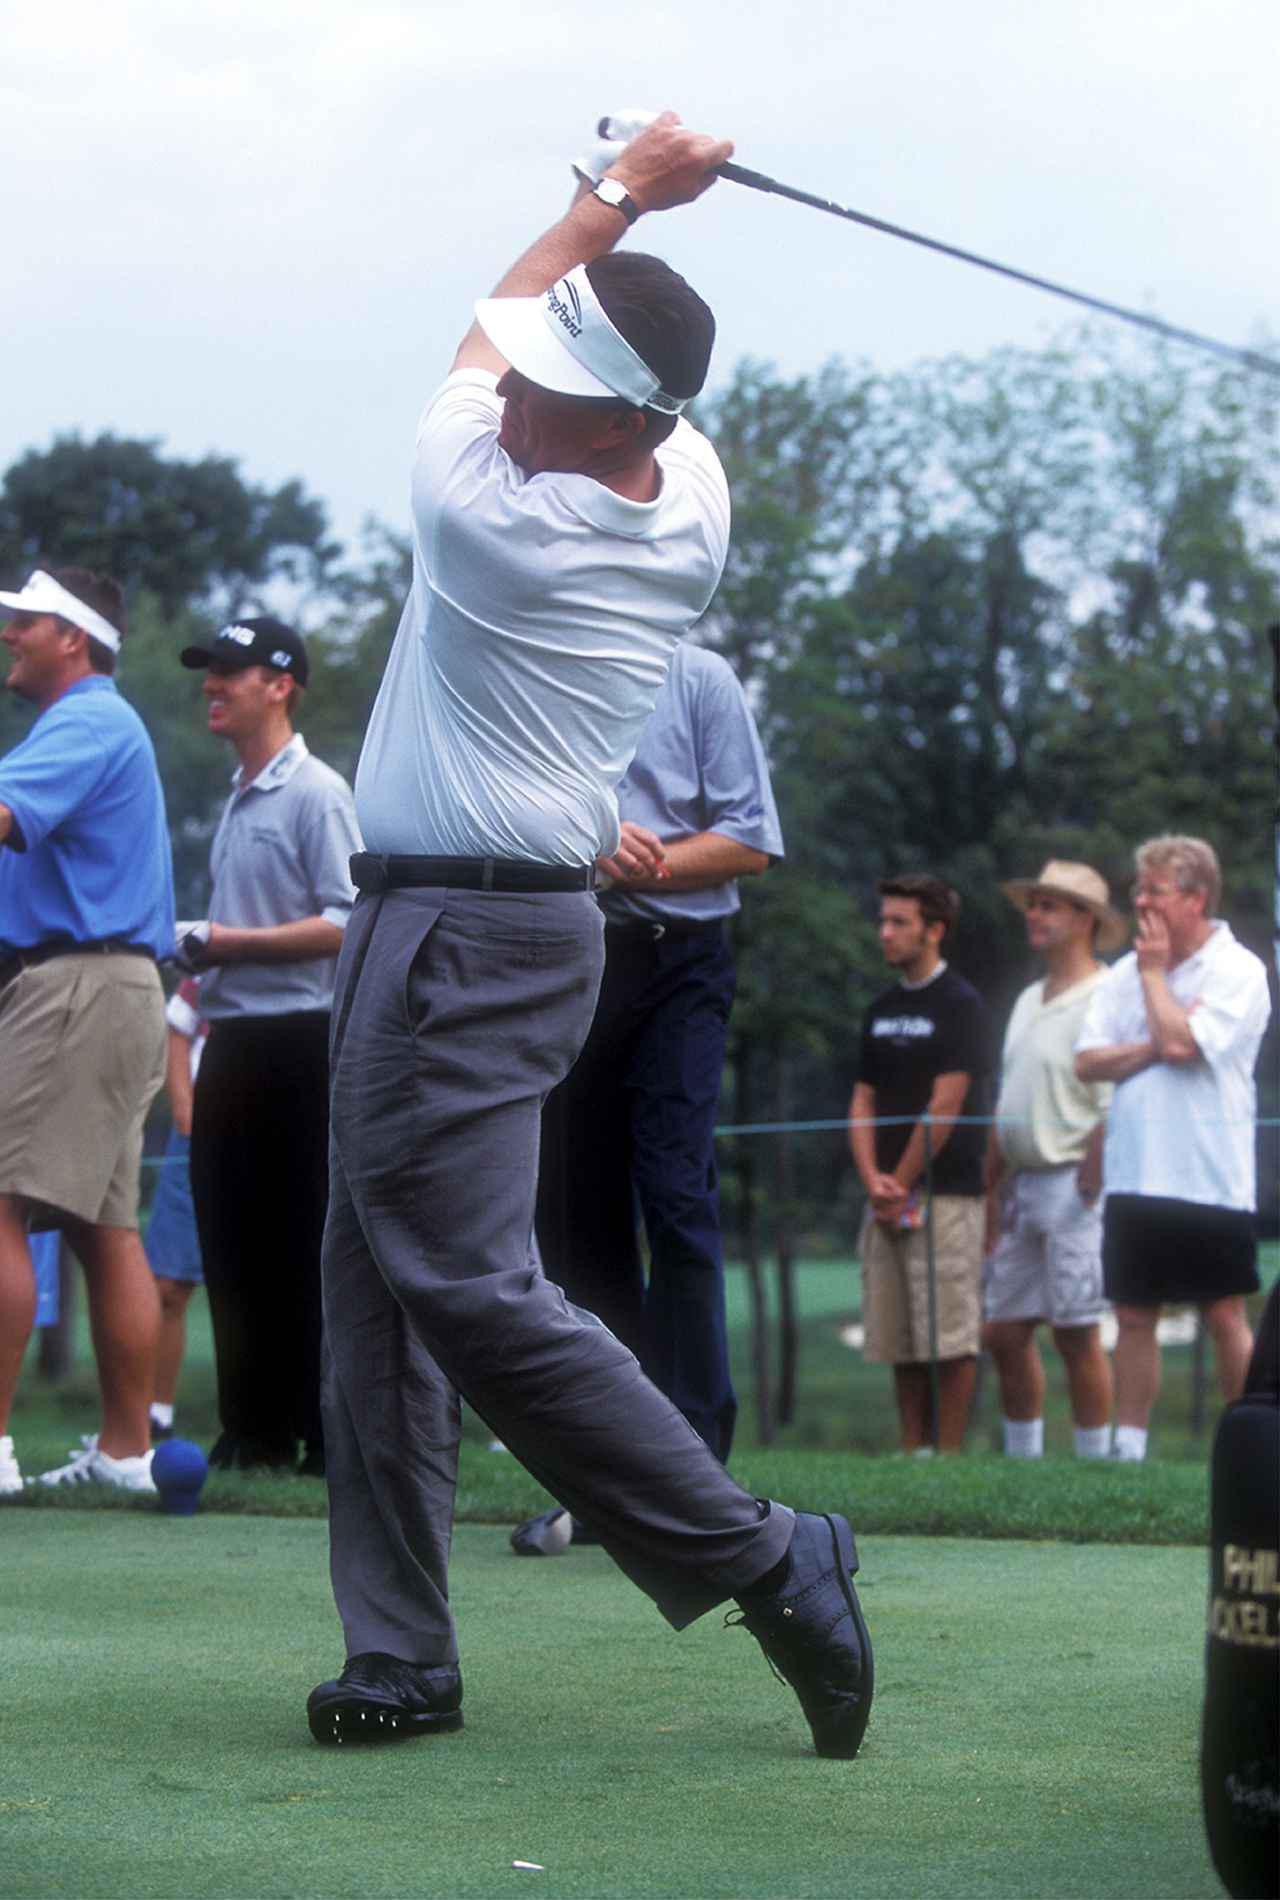 """画像10: 【フィル・ミケルソン】30年間ずっと全盛期。そしてまもなく50歳の""""変えない""""強さとは"""